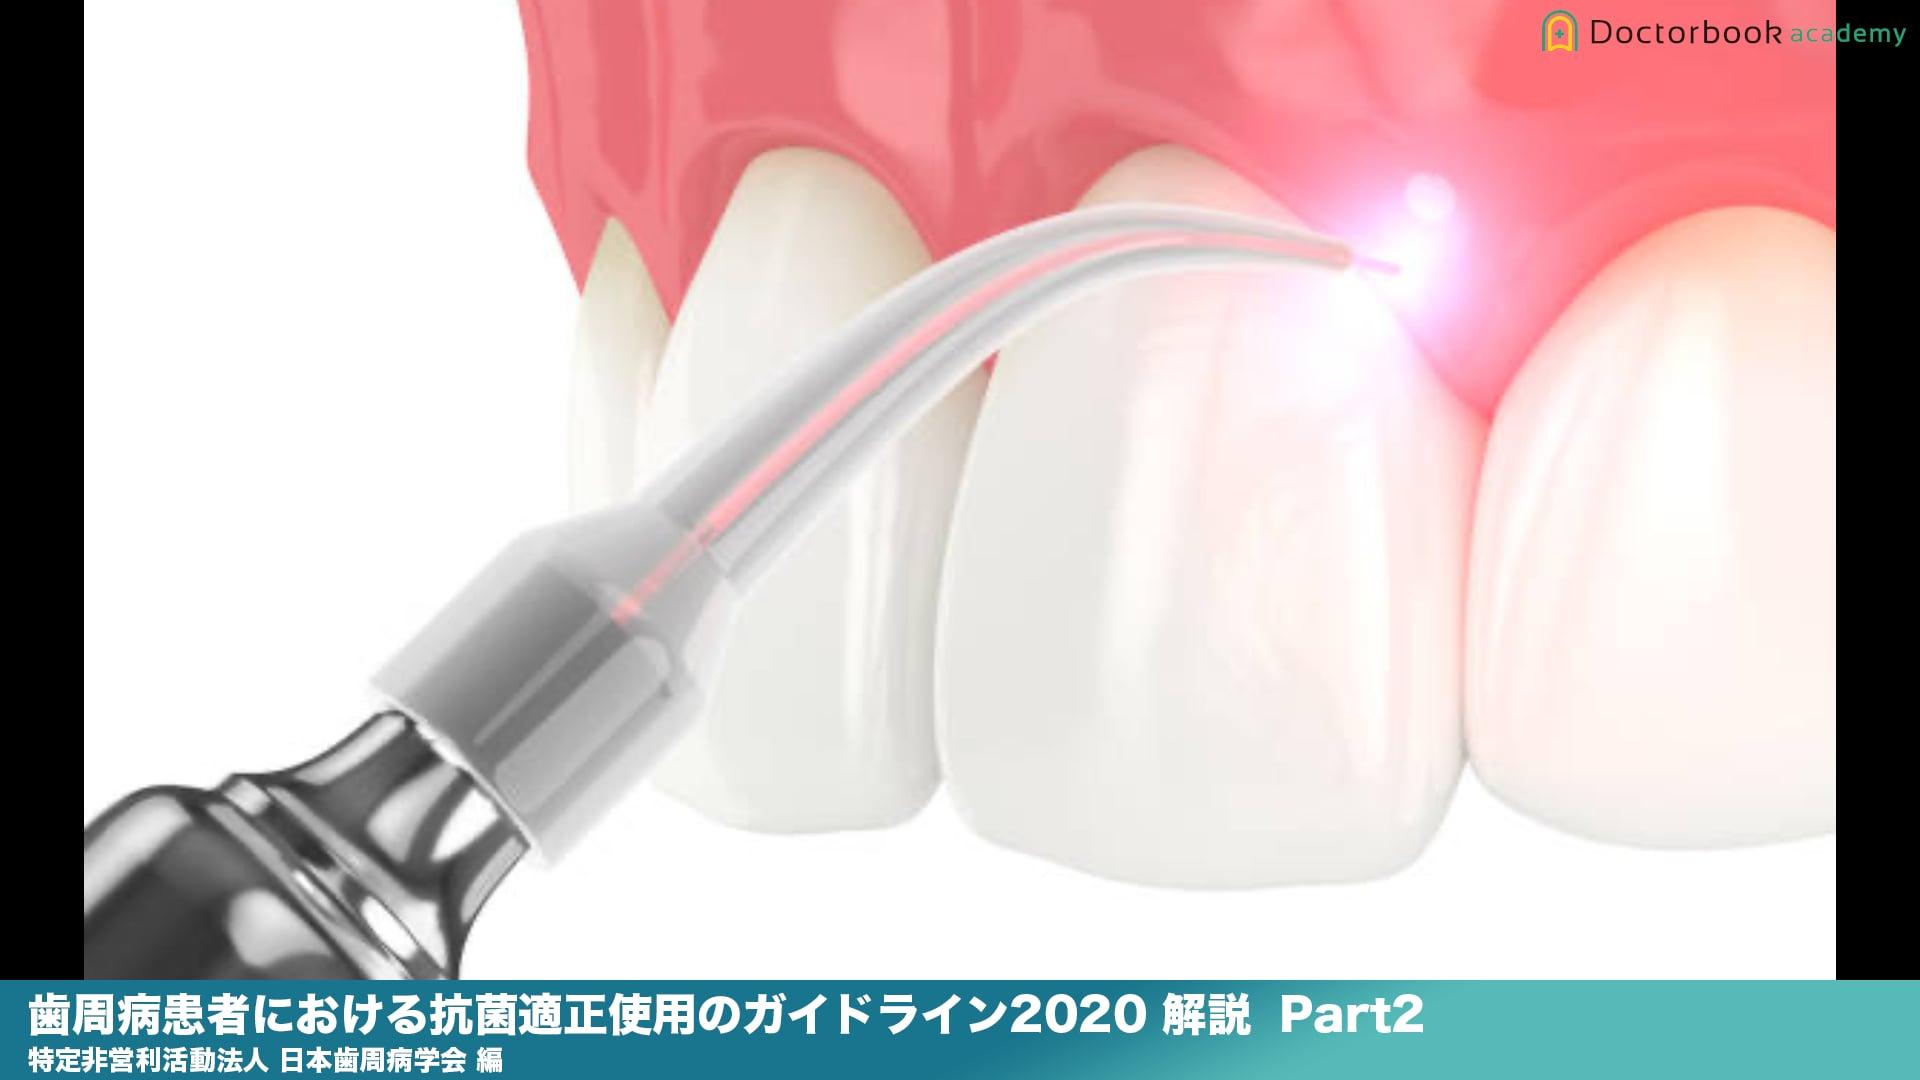 『歯周病患者における抗菌適正使用のガイドライン2020 』解説 Part2